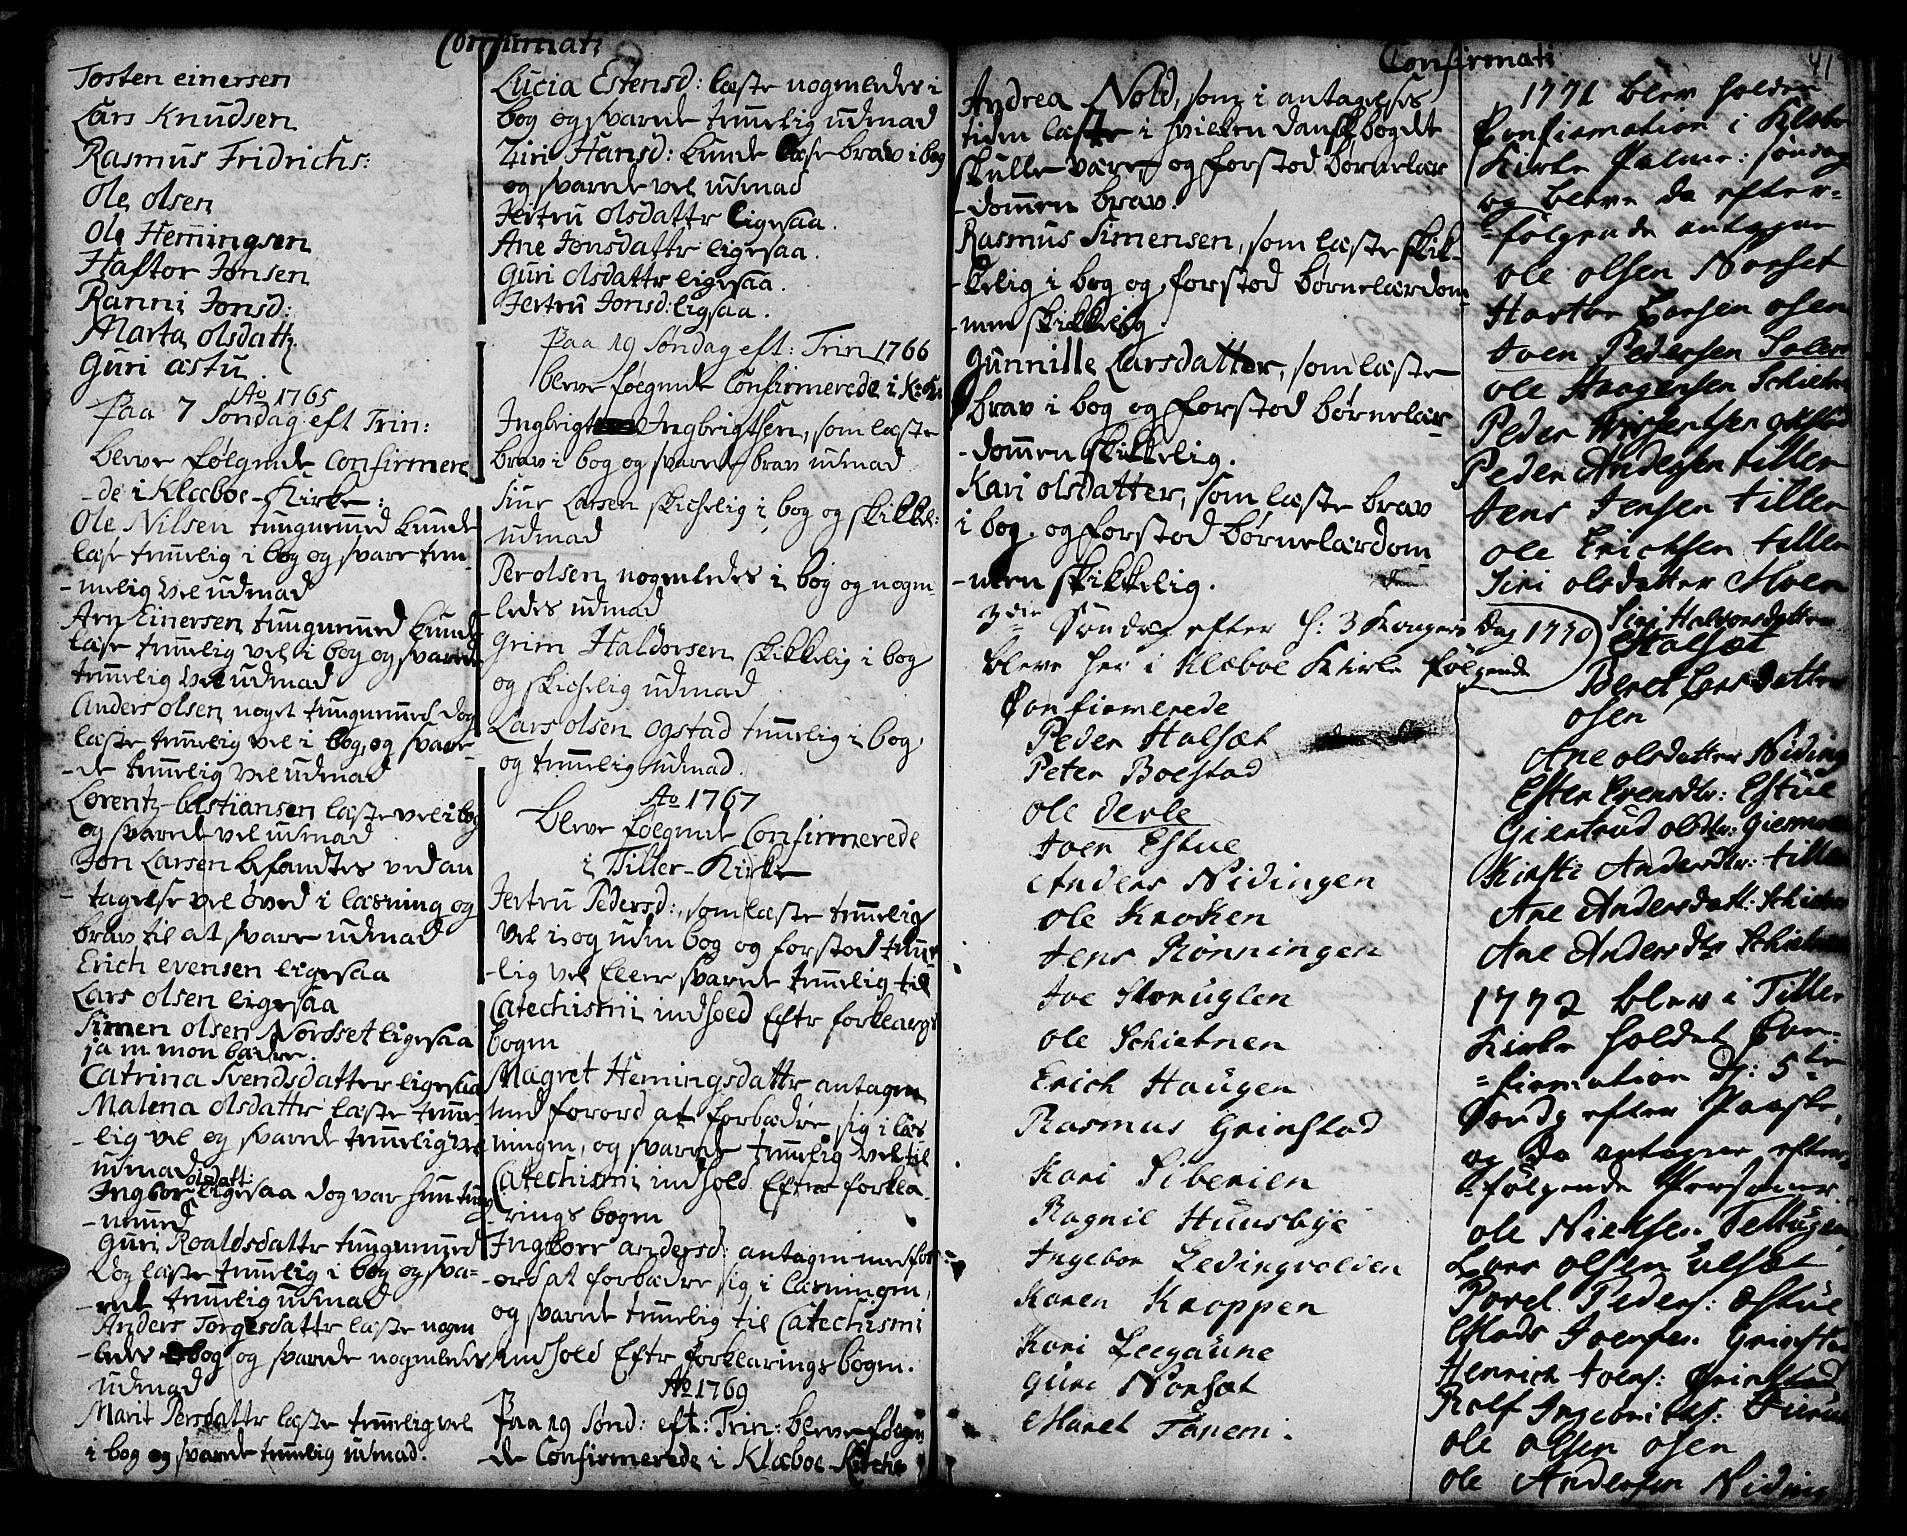 SAT, Ministerialprotokoller, klokkerbøker og fødselsregistre - Sør-Trøndelag, 618/L0437: Ministerialbok nr. 618A02, 1749-1782, s. 41